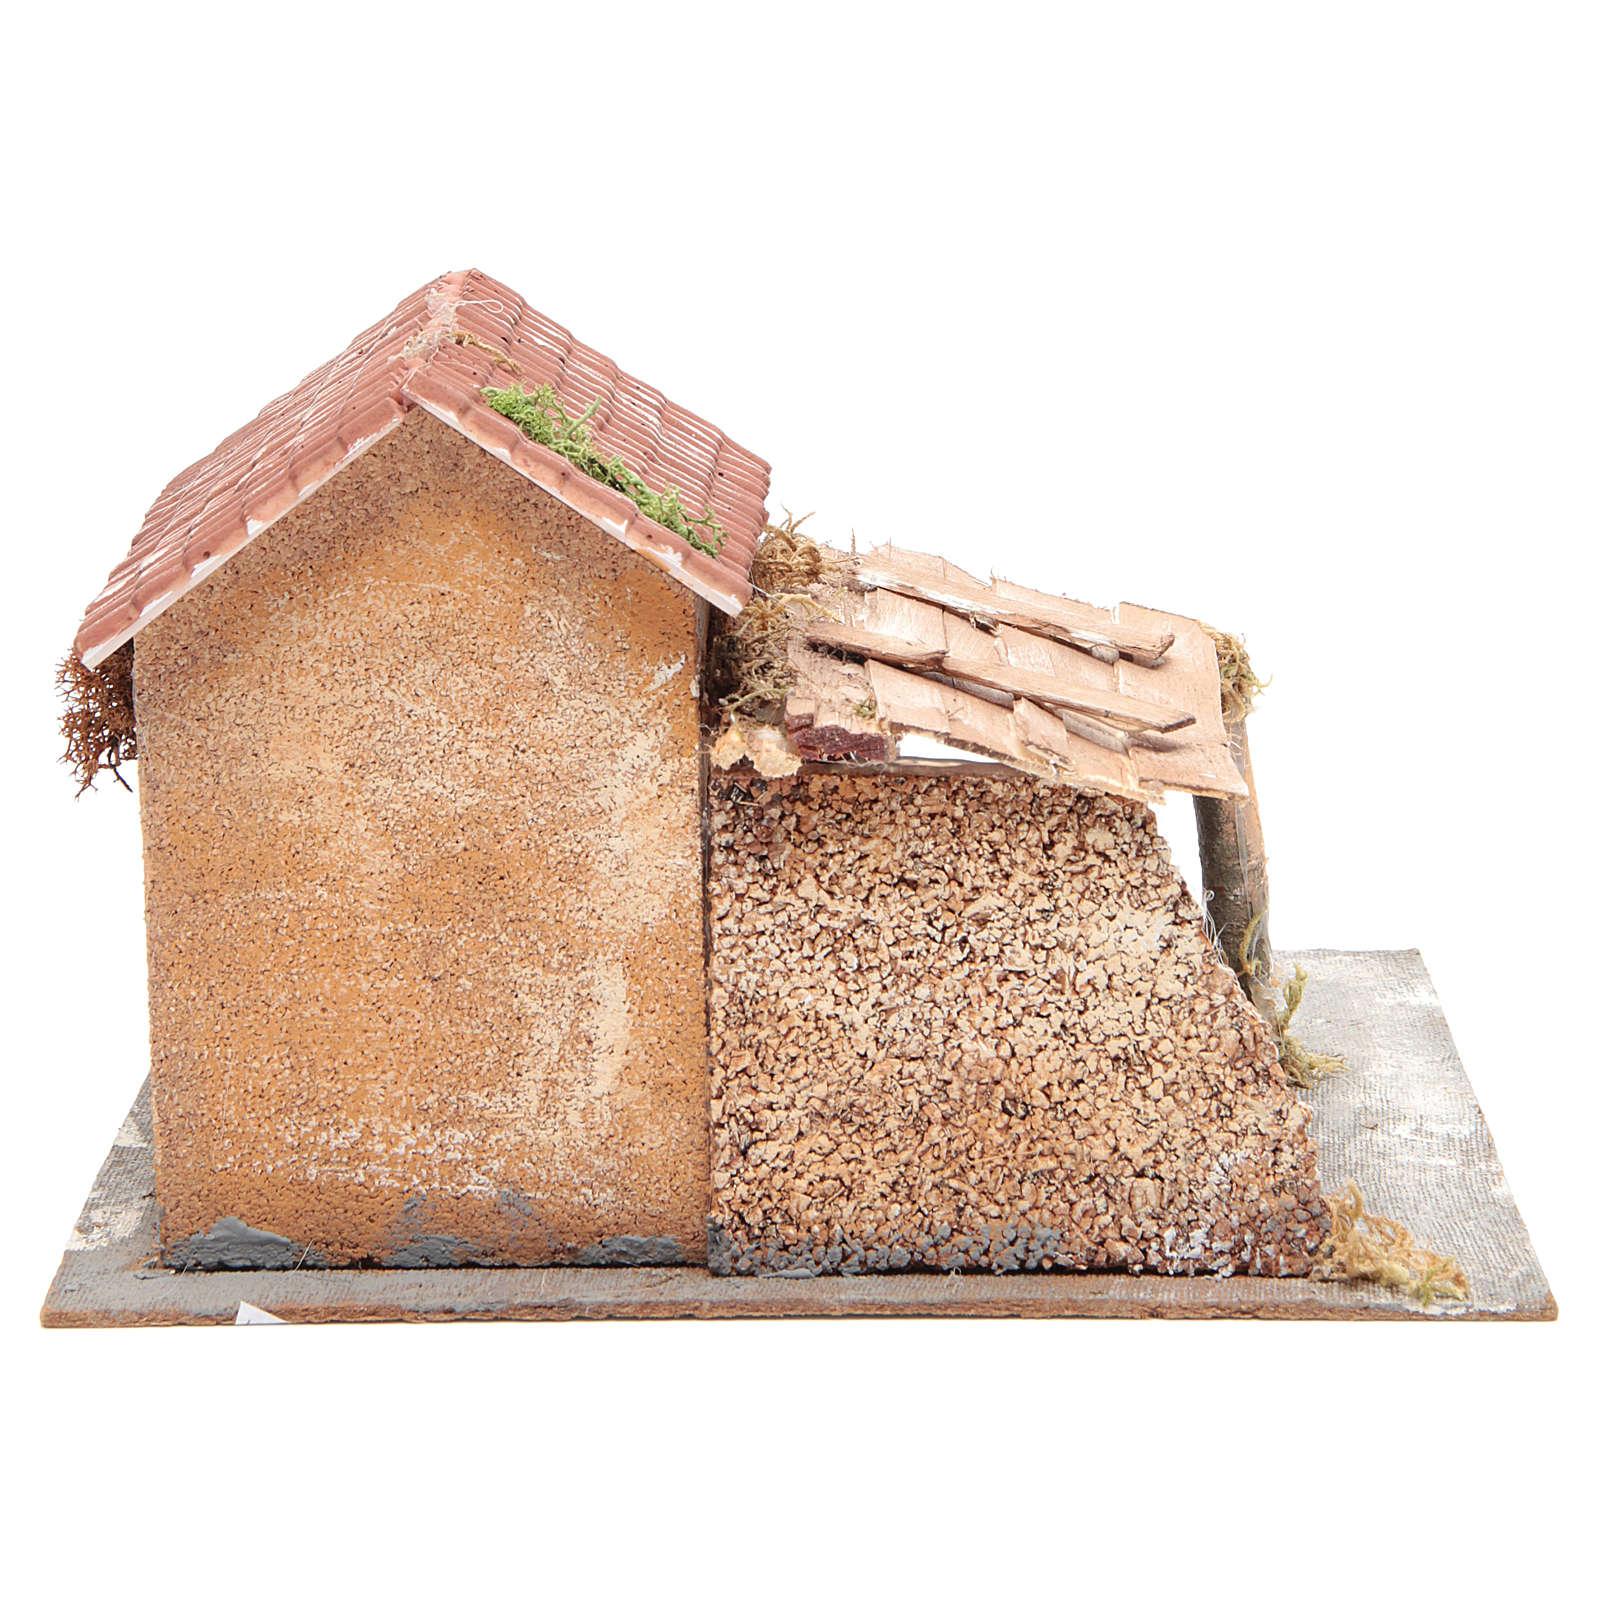 Casa en corcho y resina belén Nápoles 20x28x26 cm 4